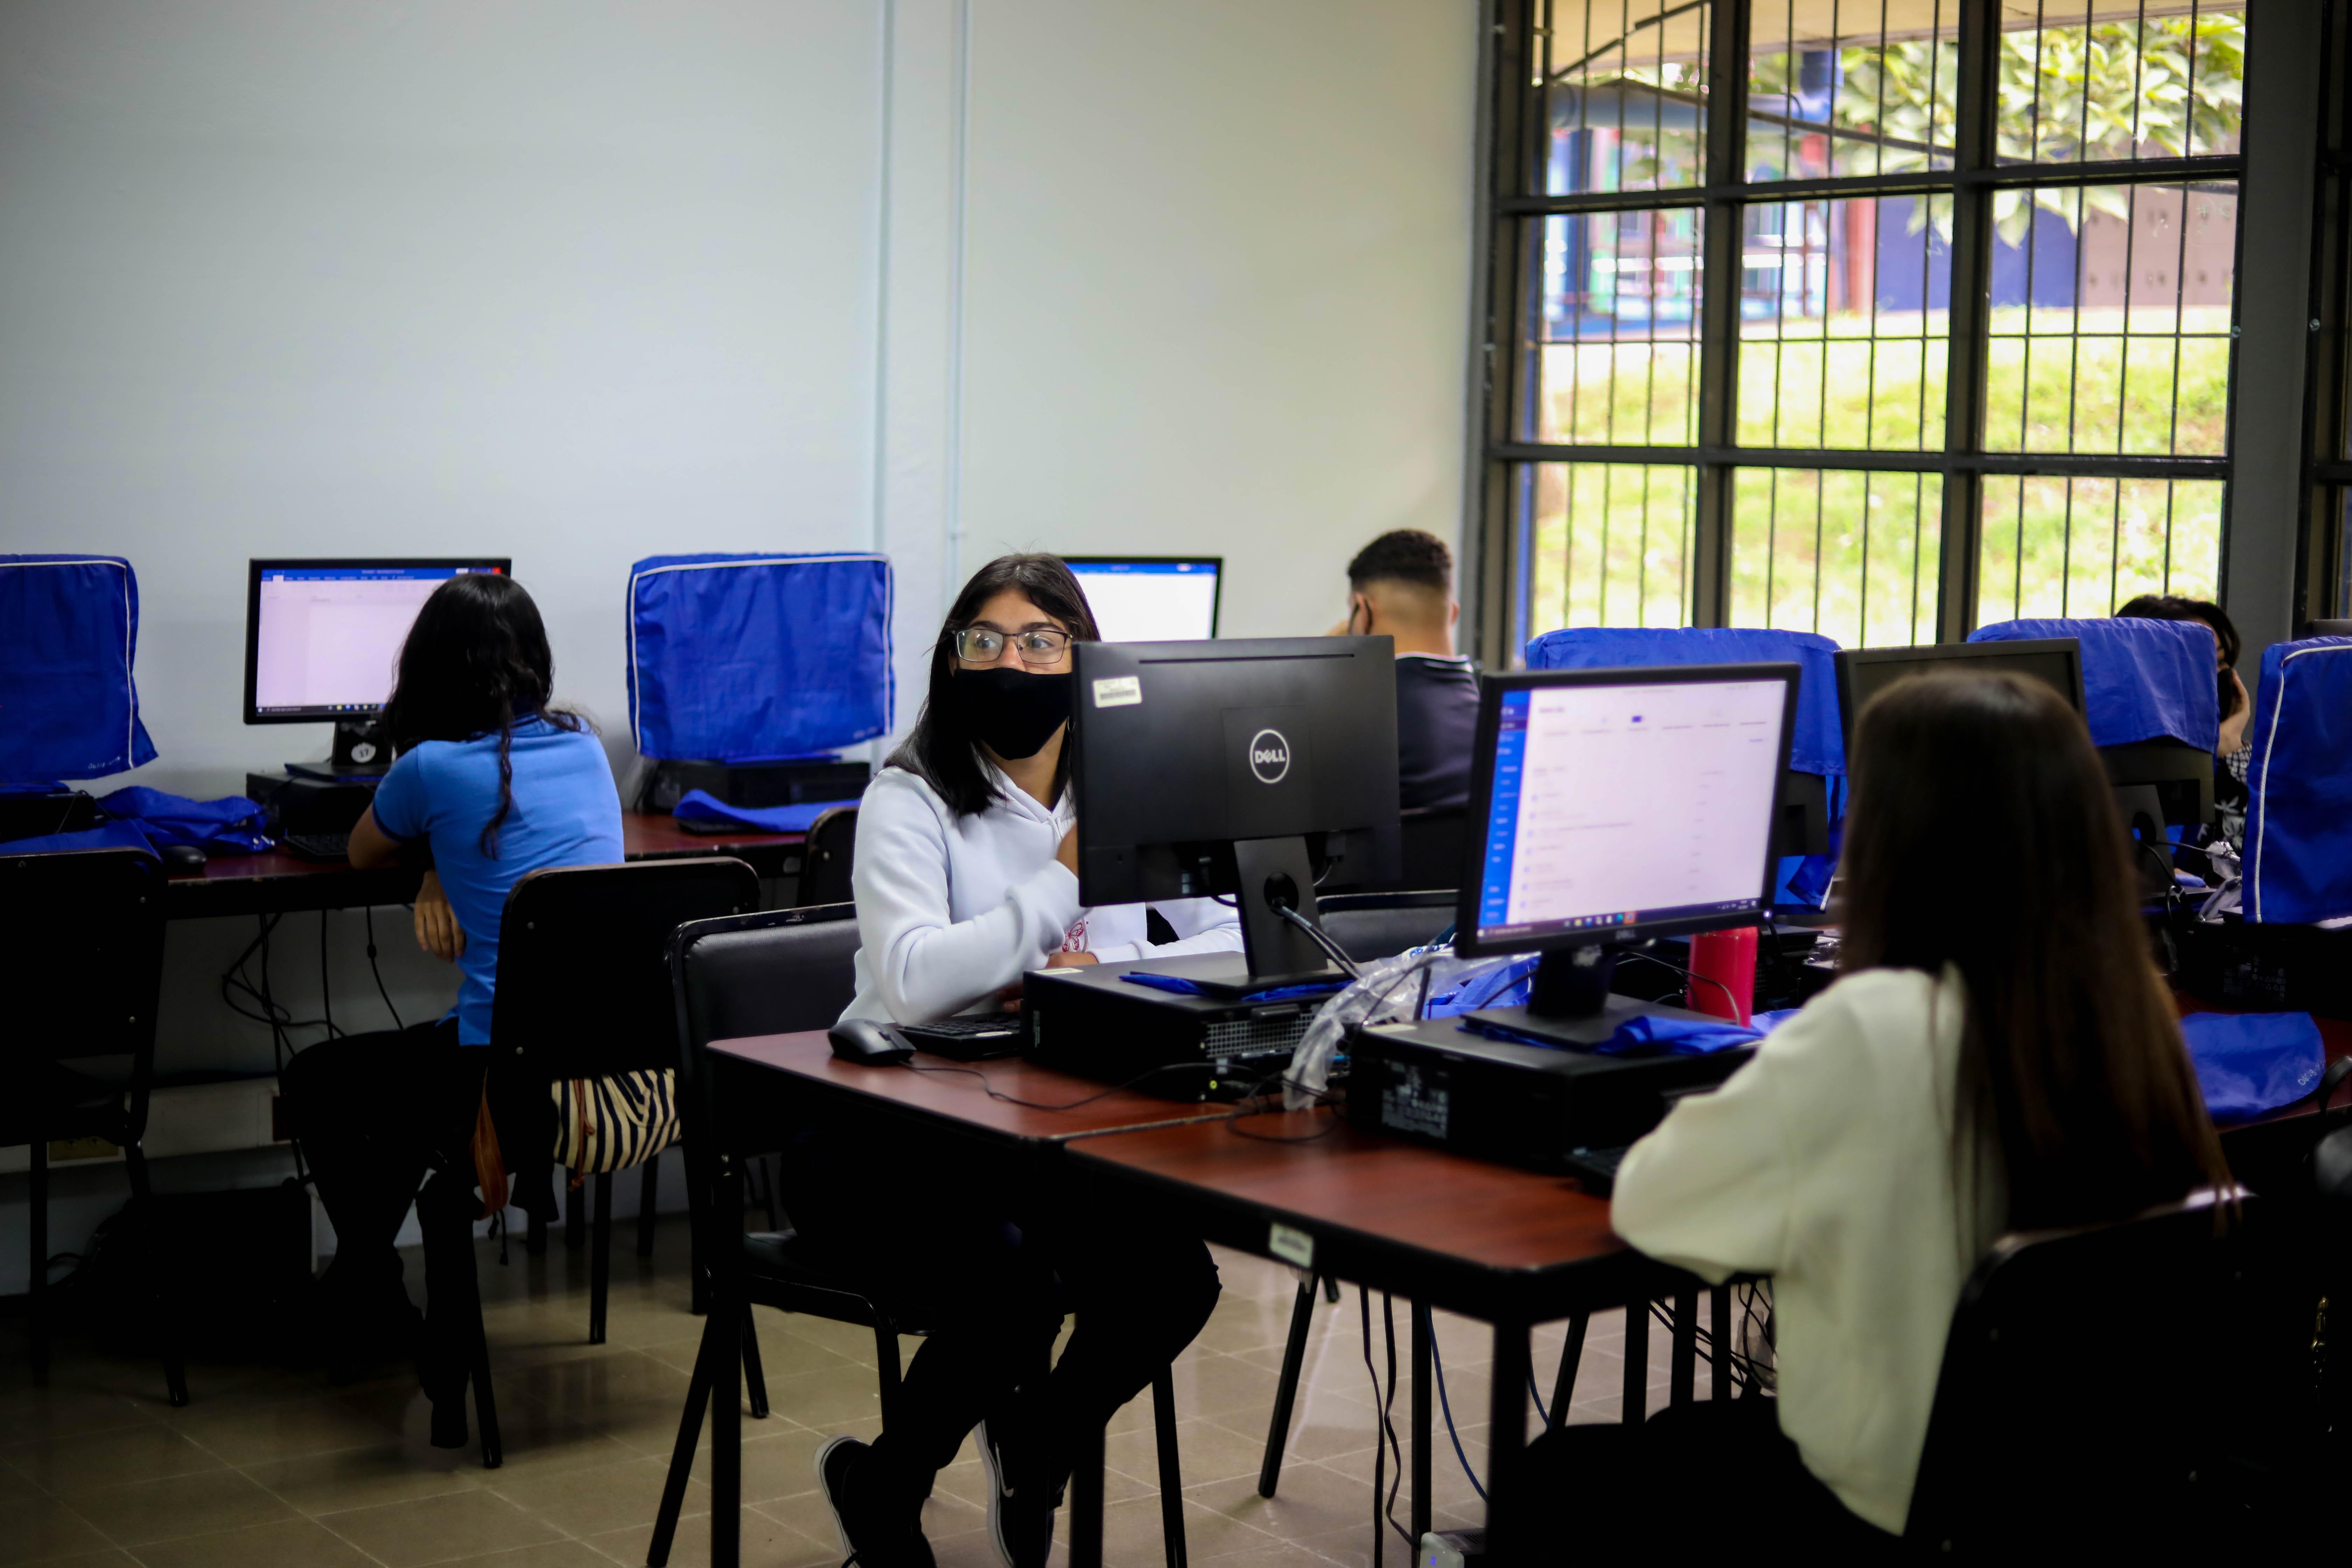 ONU reconoce esfuerzo de Costa Rica para iniciar curso lectivo 2021, pide priorizar educación presencial y cerrar brecha digital